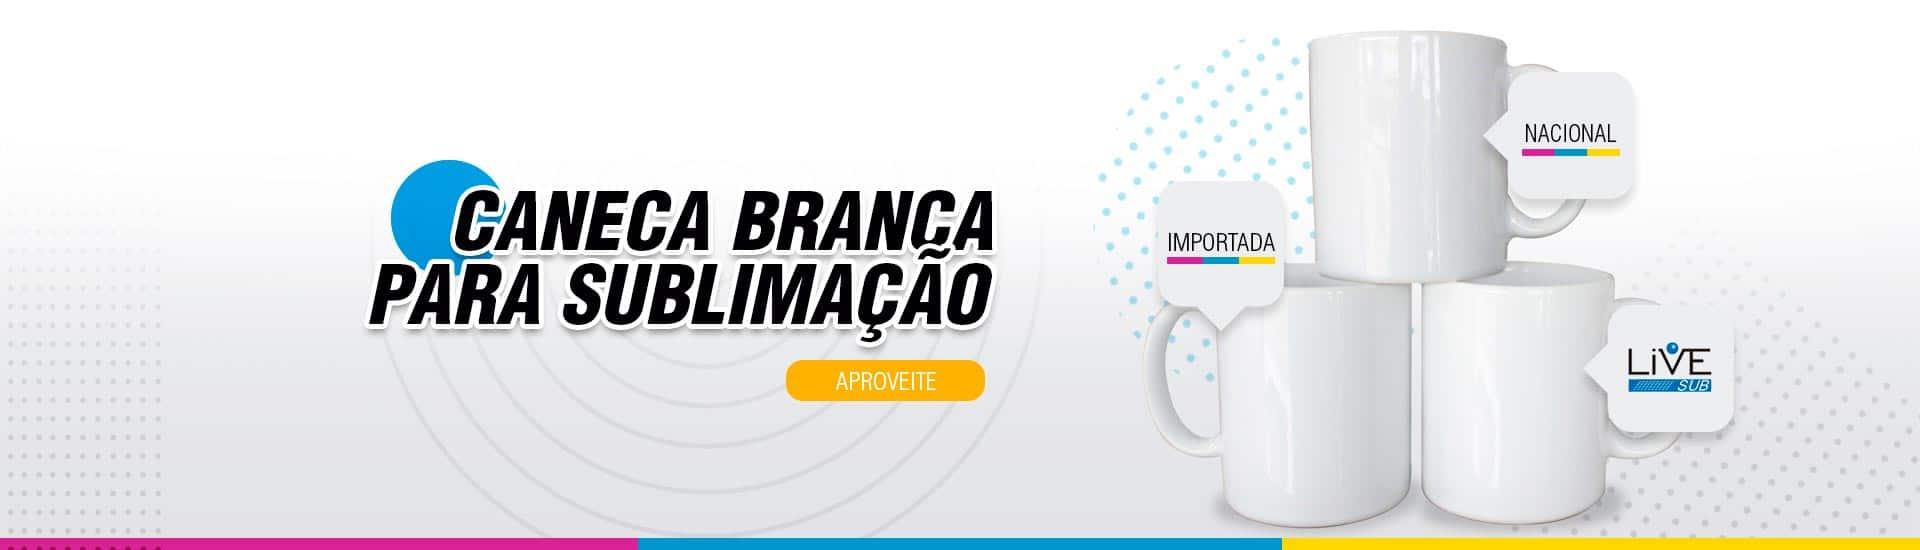 banner-canecas-01